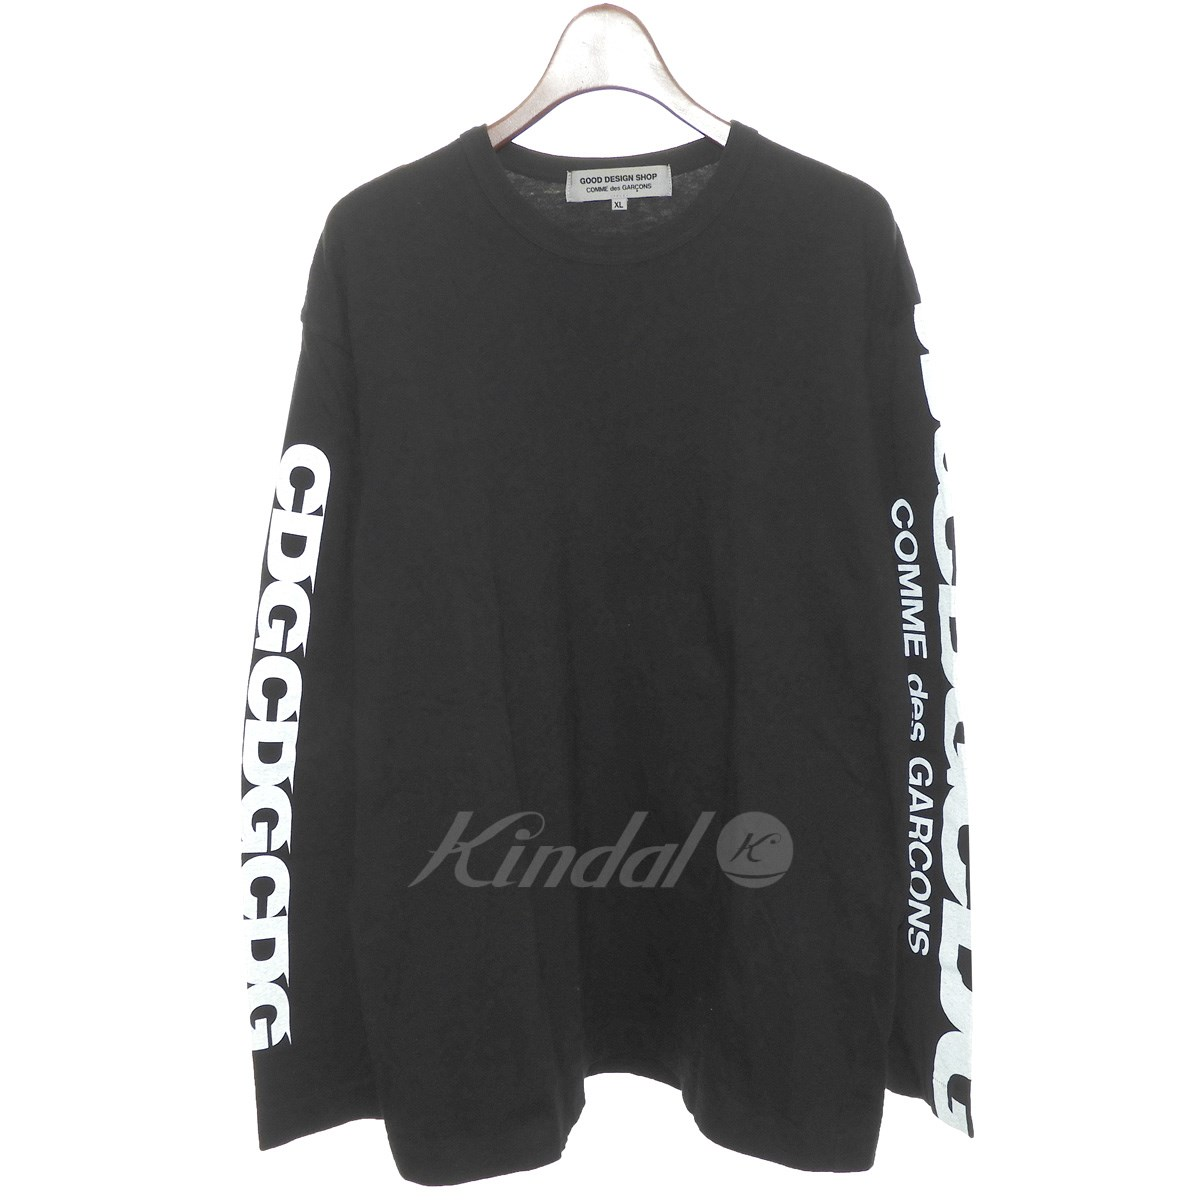 【中古】GOOD DESIGN SHOP COMME des GARCONS 長袖Tシャツ ブラック サイズ:XL 【送料無料】 【140419】(グッドデザインショップ コムデギャルソン)